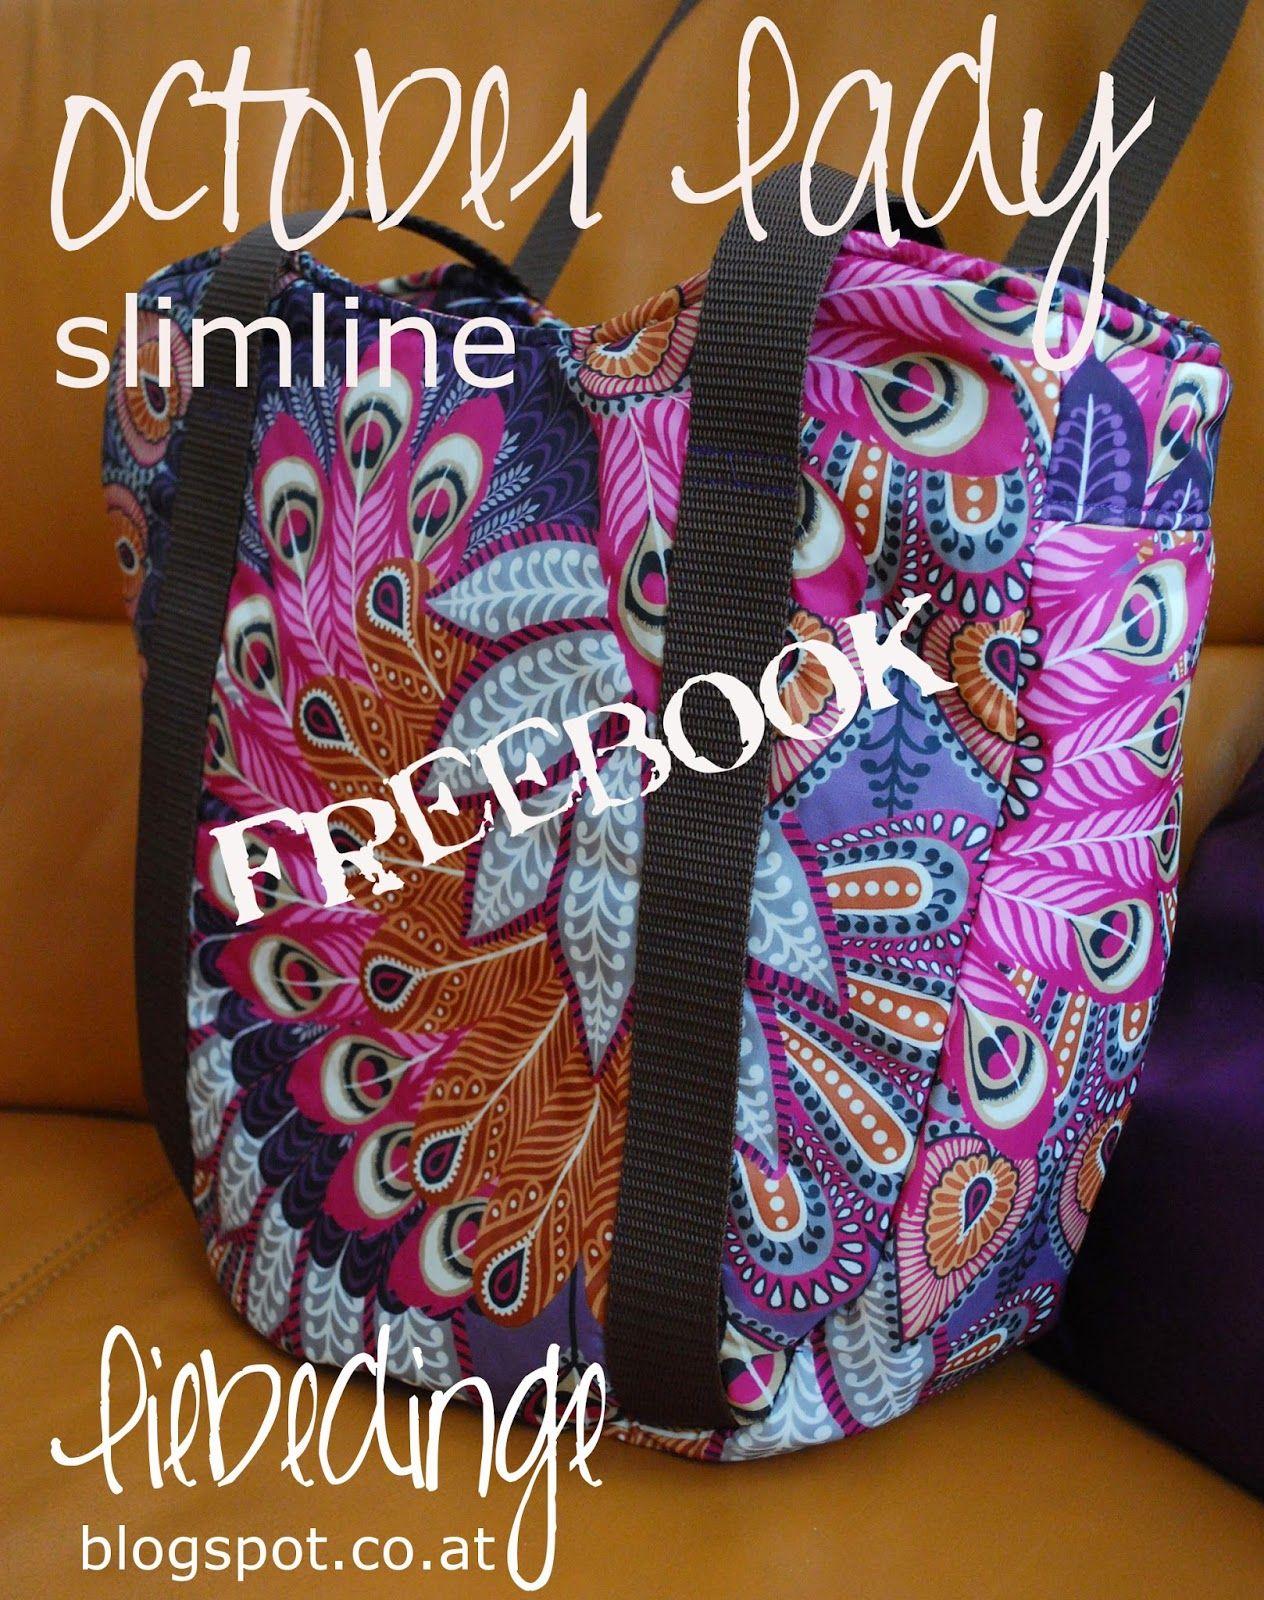 liebedinge: october lady - slimline!! [freebook] | Nähen: Taschen ...